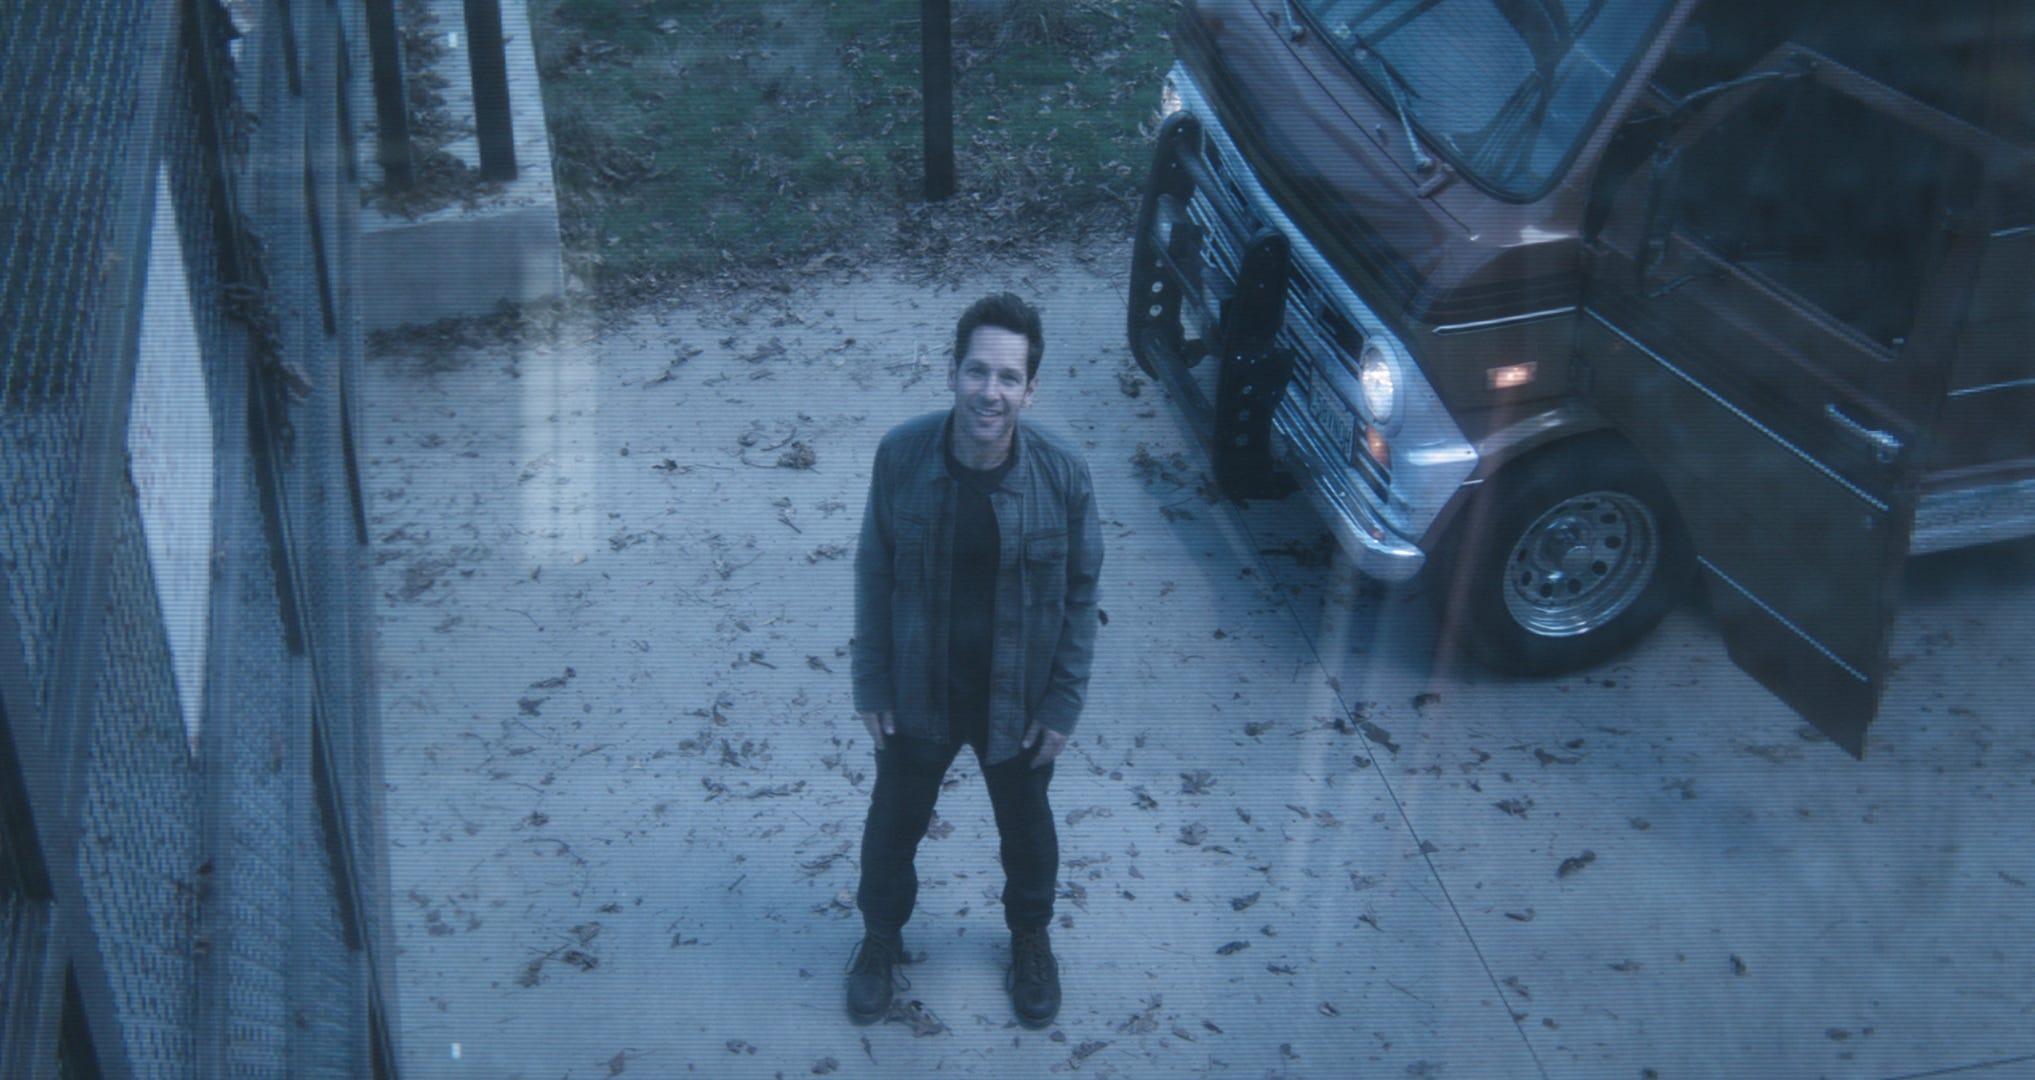 """Ant-Man/Scott Lang (Paul Rudd) in a scene from Marvel Studios' """"Avengers: Endgame"""" (2019)."""